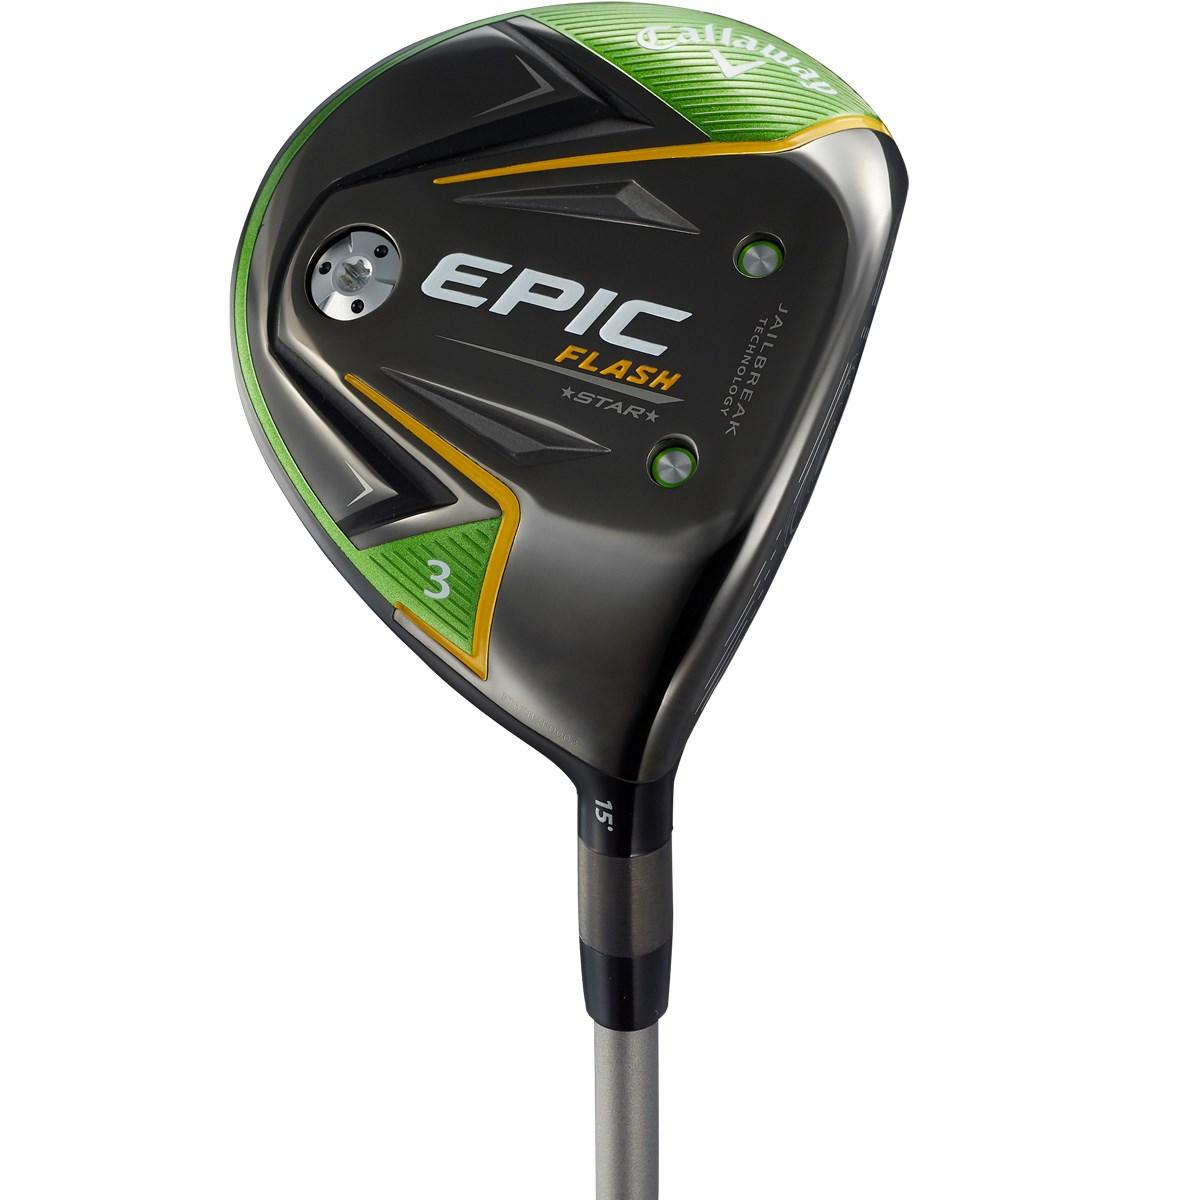 キャロウェイゴルフ(Callaway Golf) エピックフラッシュ STAR フェアウェイウッド Speeder Evolution V FW50